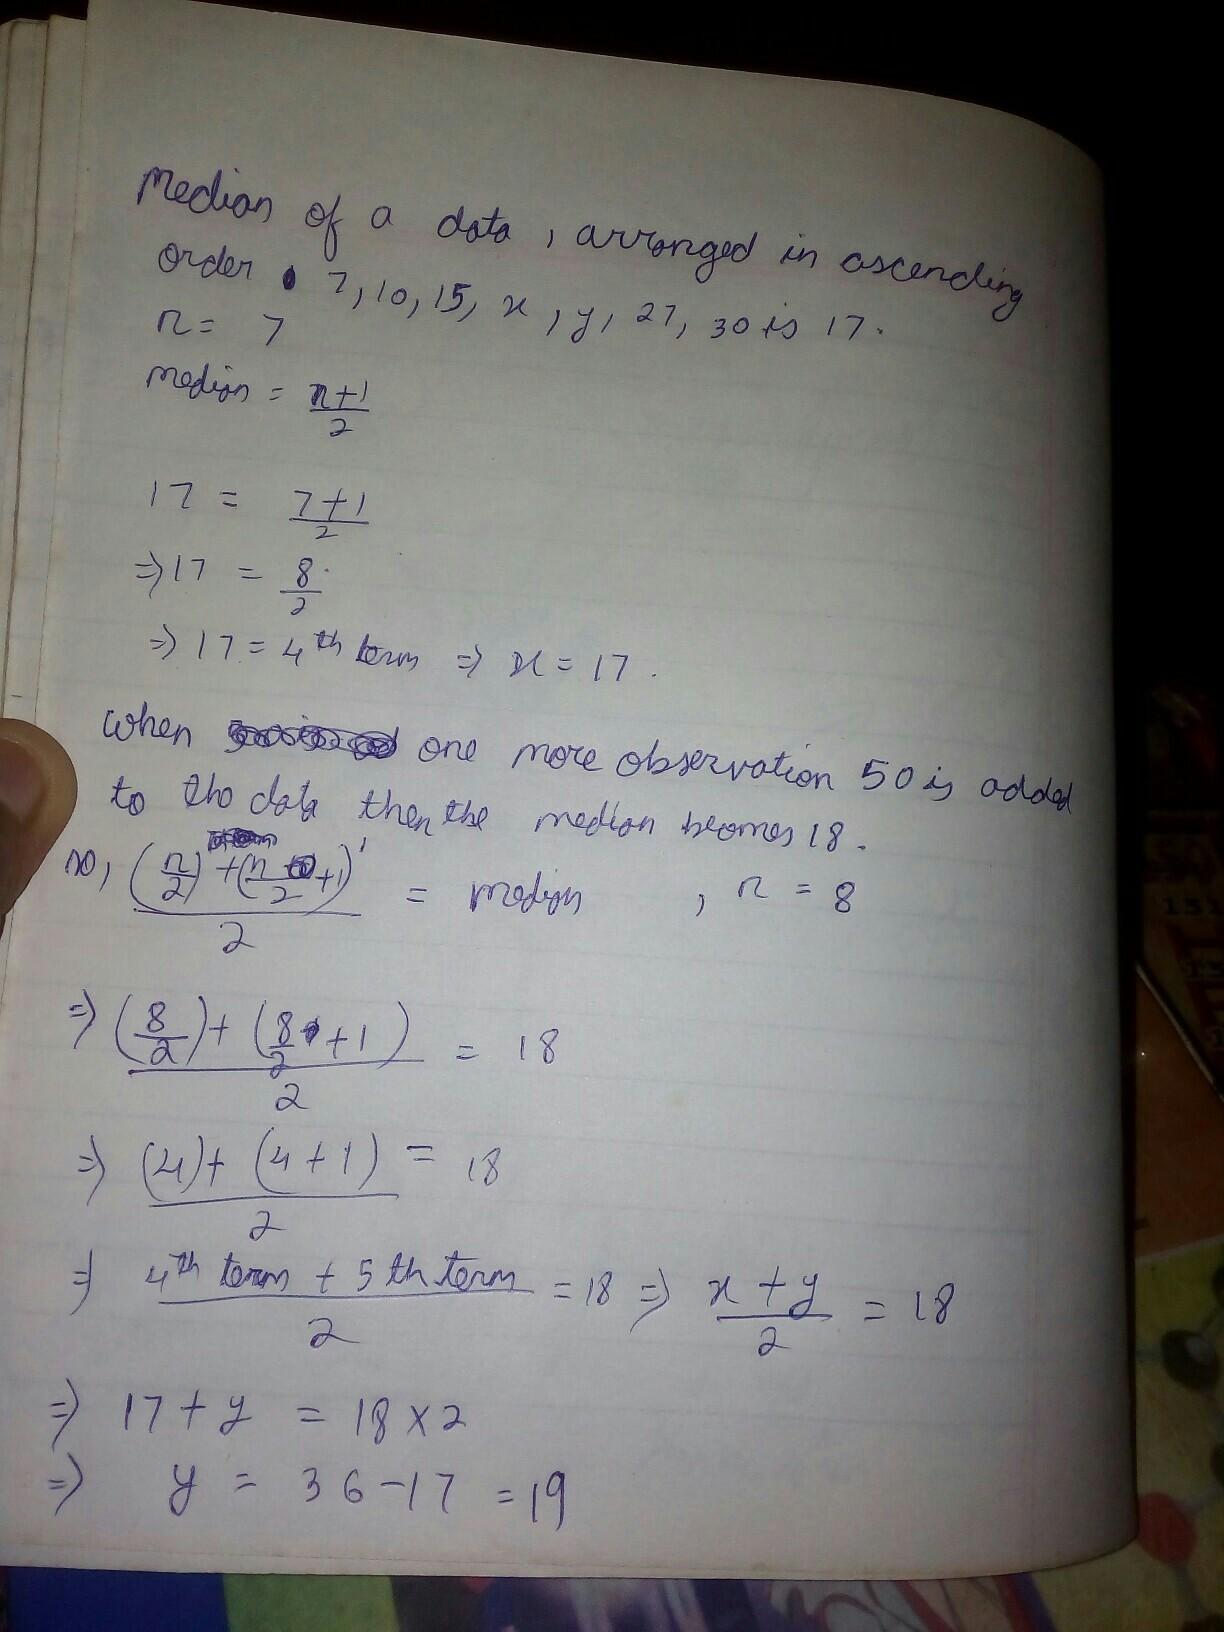 Median of a data , arranged in ascending order 7,10,15,x,y